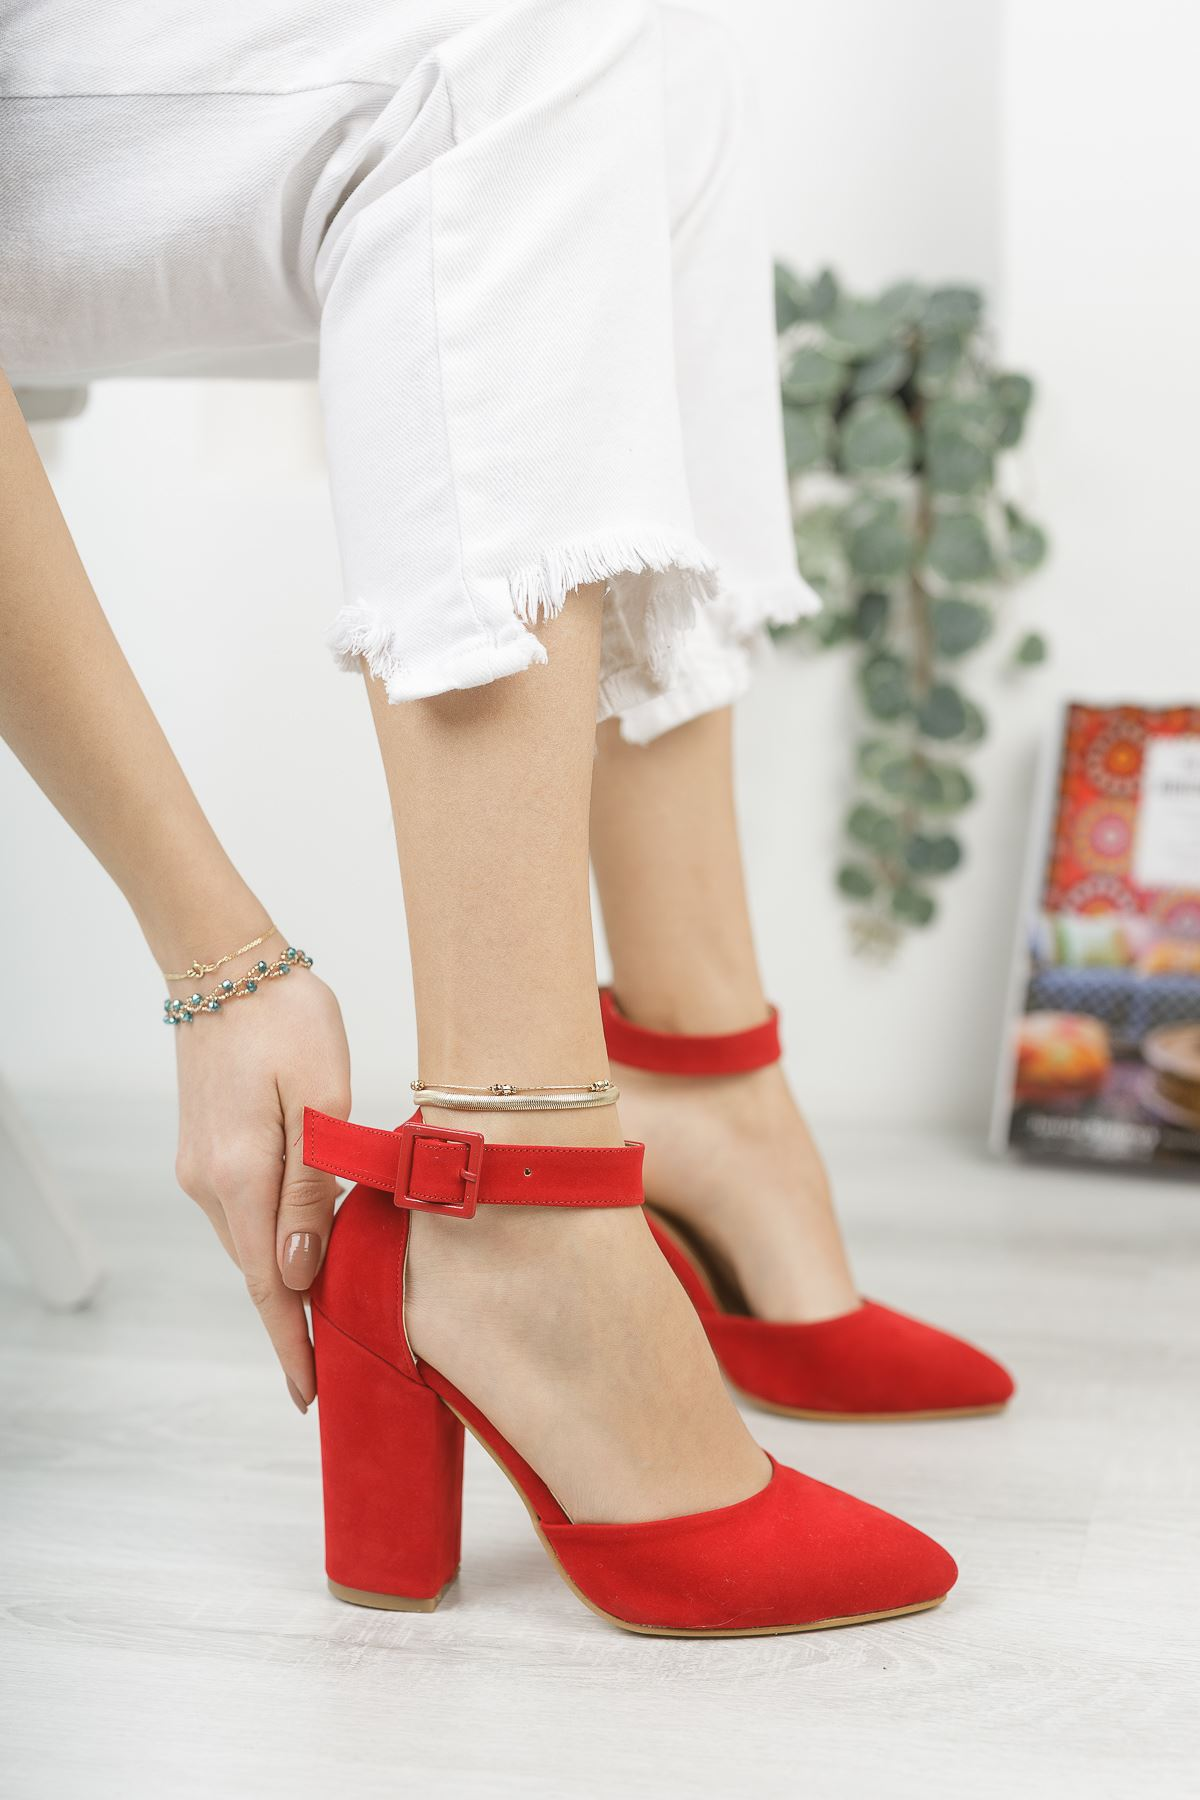 Kadın Benedik Sivri Burun Yüksek Topuklu Kırmızı Ayakkabı